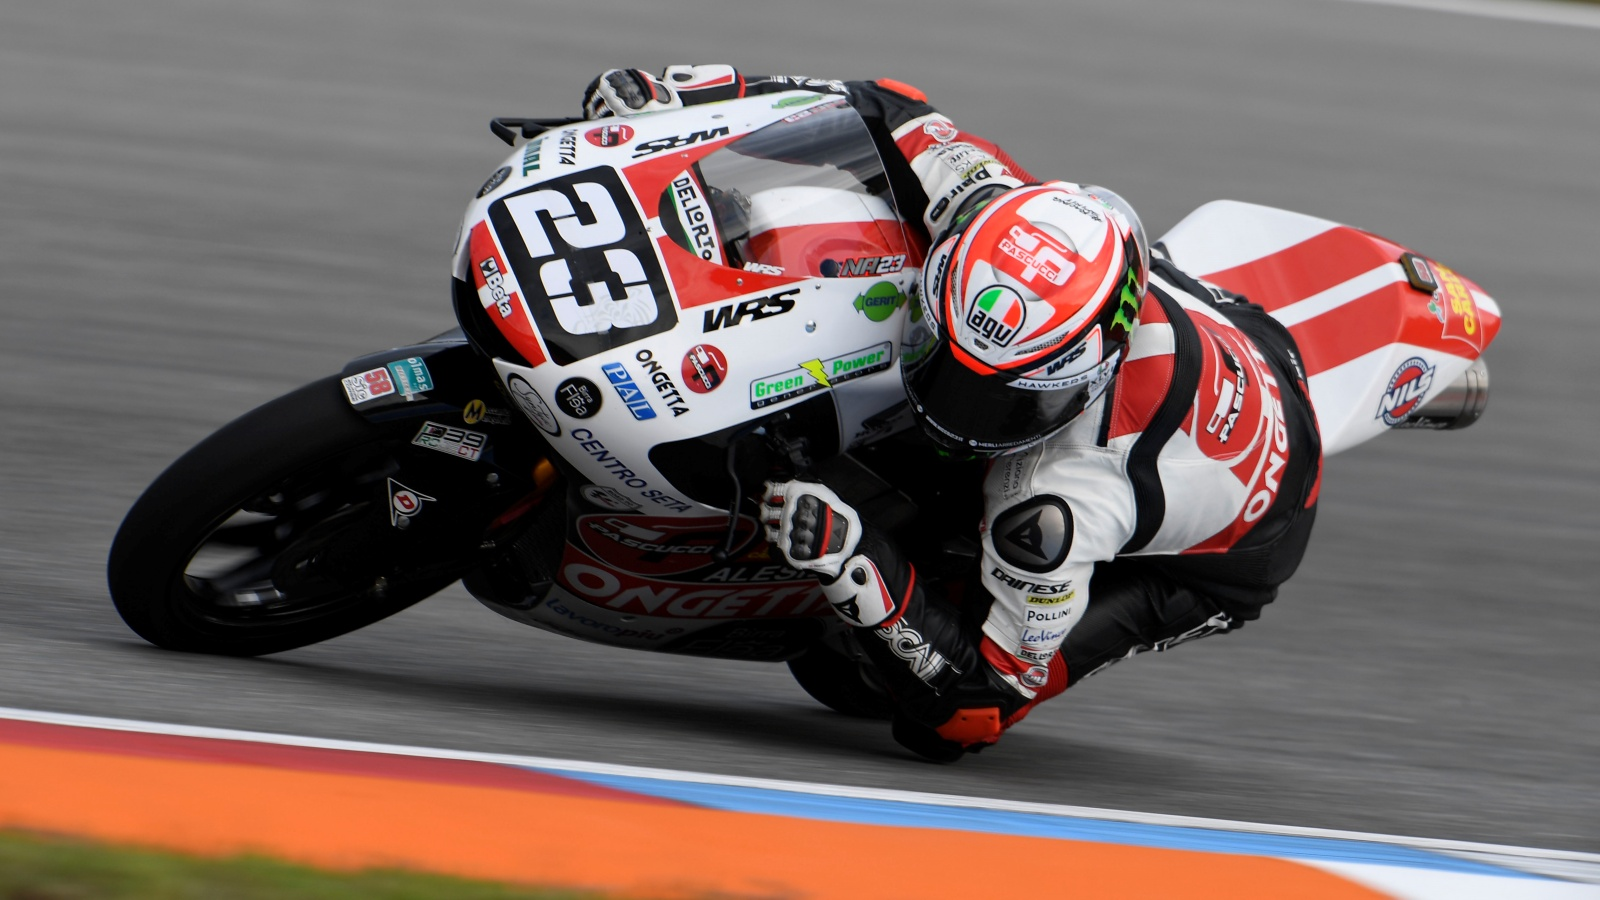 Tony Arbolino se regala la pole de Moto3 en el mojado asfalto de Brno